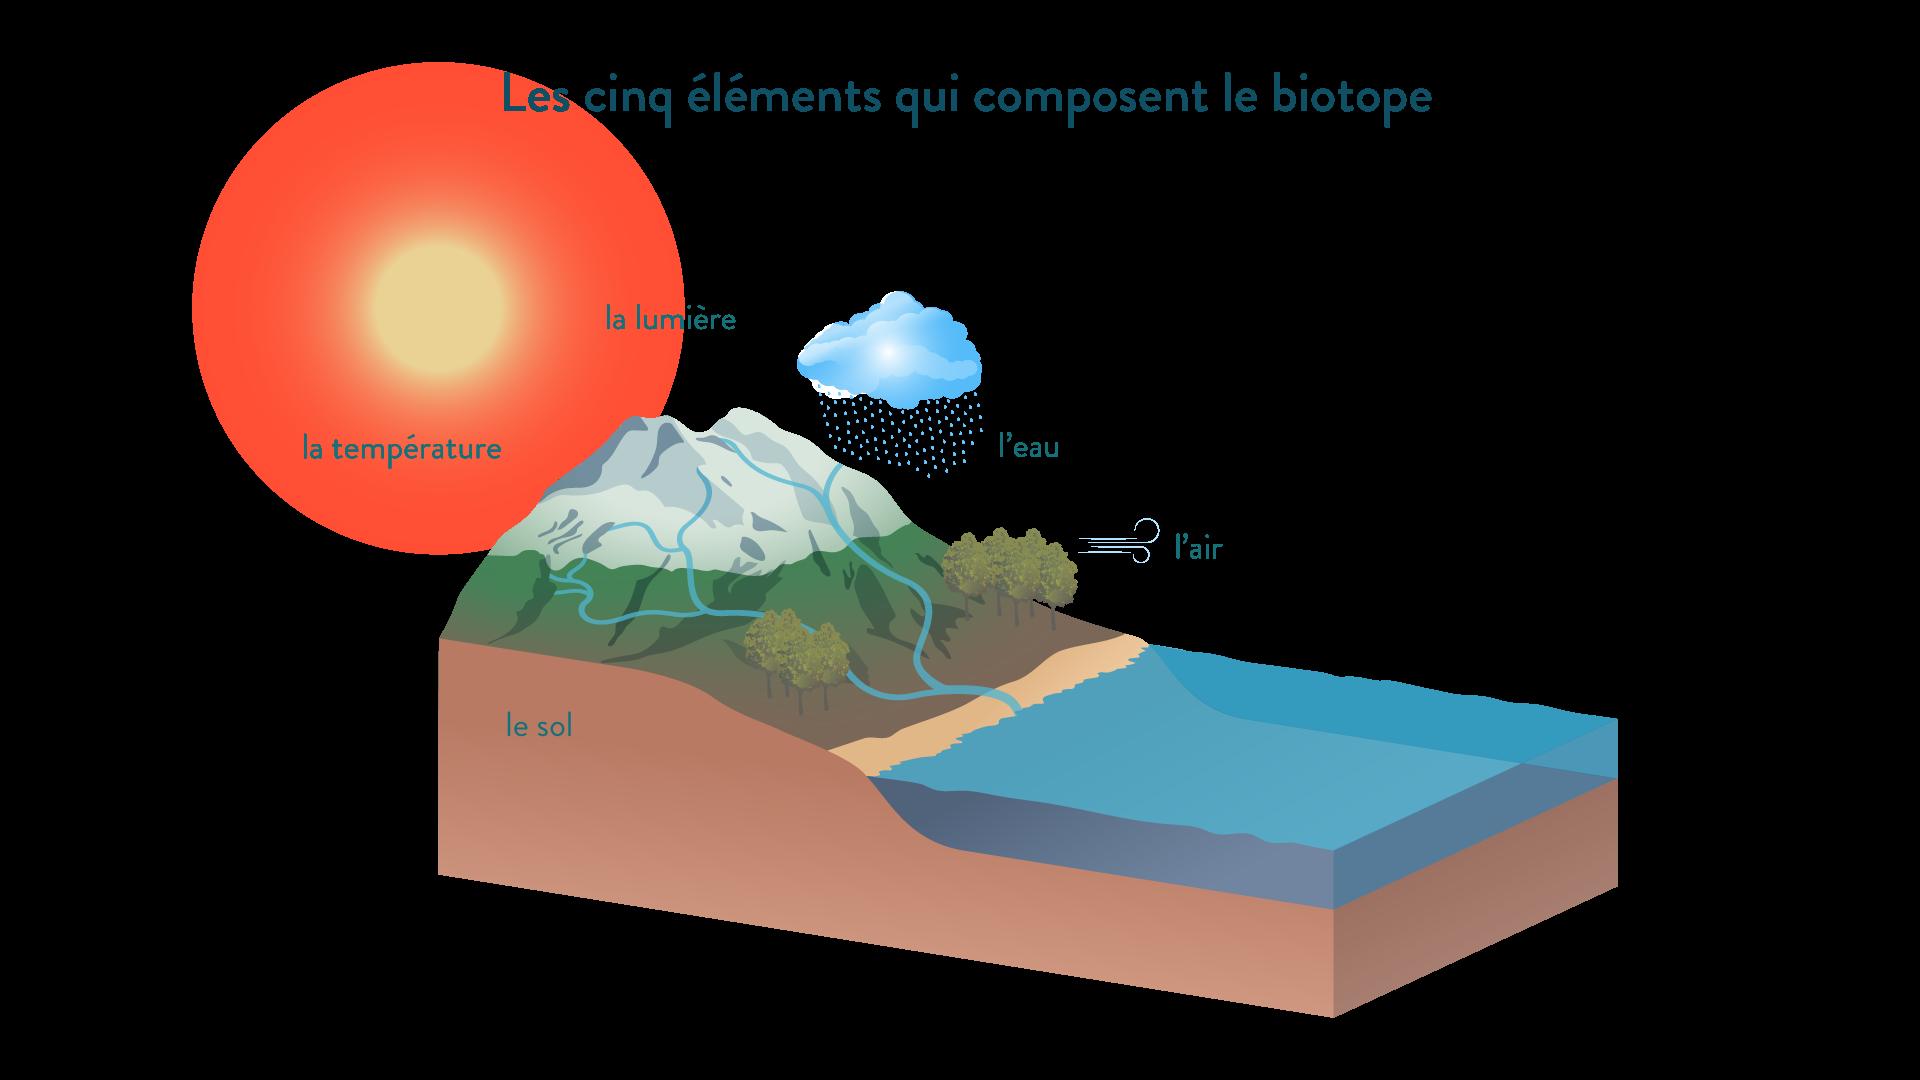 Les cinq éléments qui composent le biotope